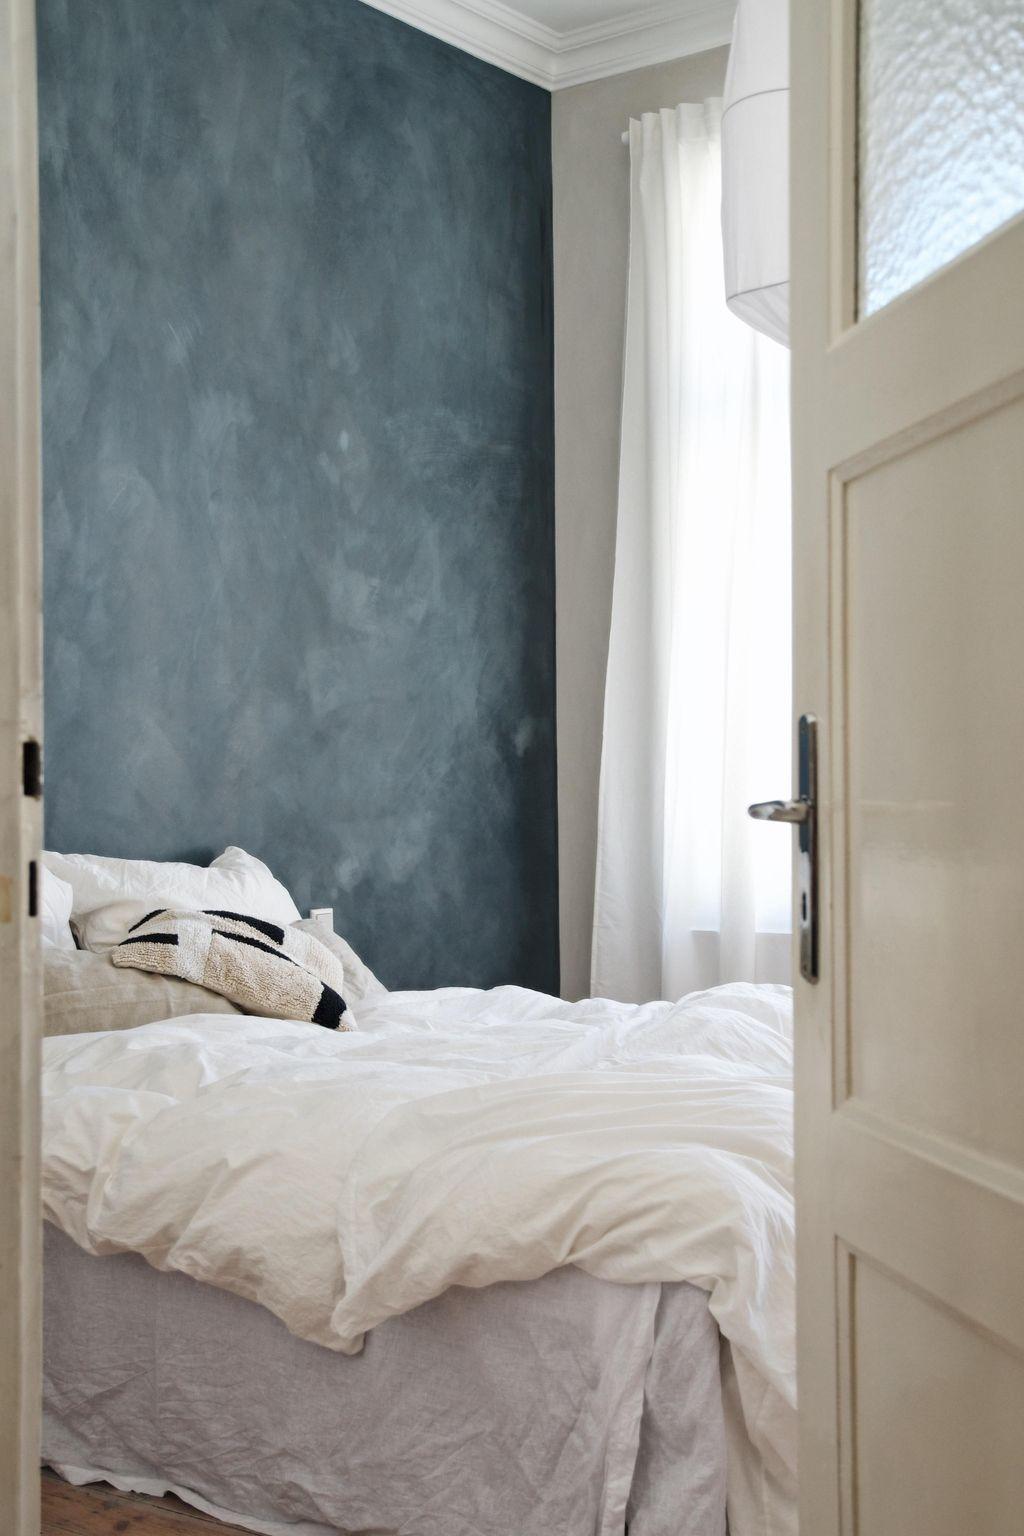 Schlummern Schlafen Traumen Schlafzimmer Kalkfar In 2020 Wohnungseinrichtung Stil Wandgestaltung Schlafzimmer Schlafzimmer Einrichten Ideen